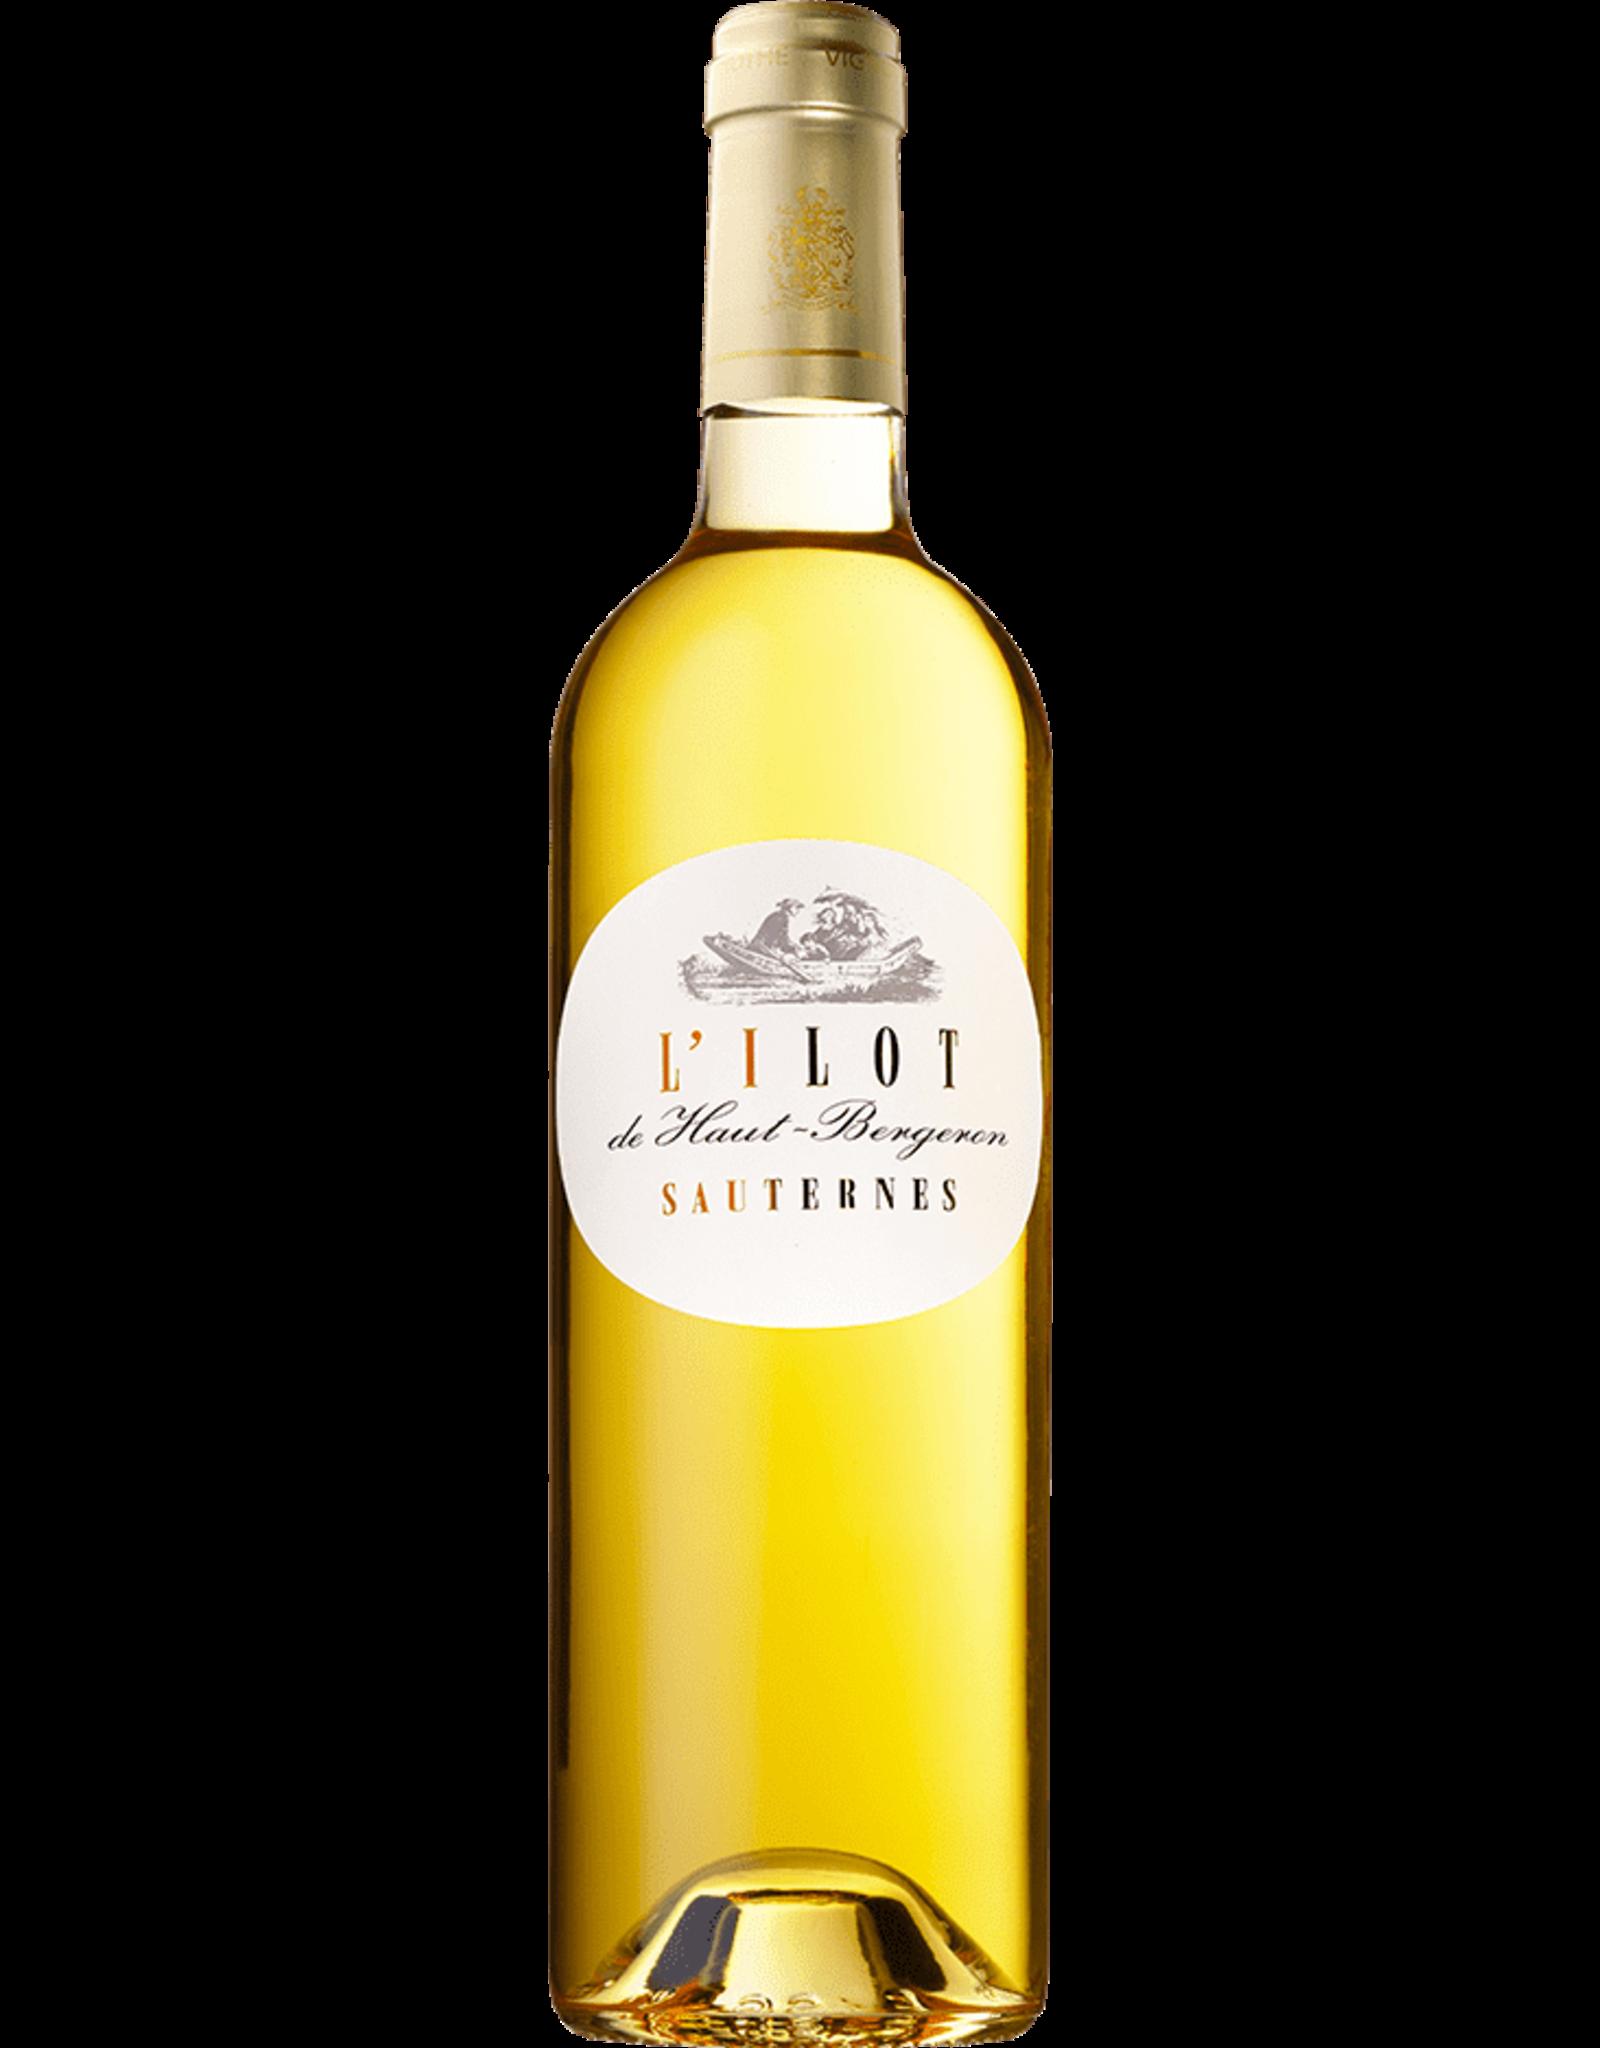 Proef Ch̢teau Haut-Bergeron L'ilot Sauternes 0,375L